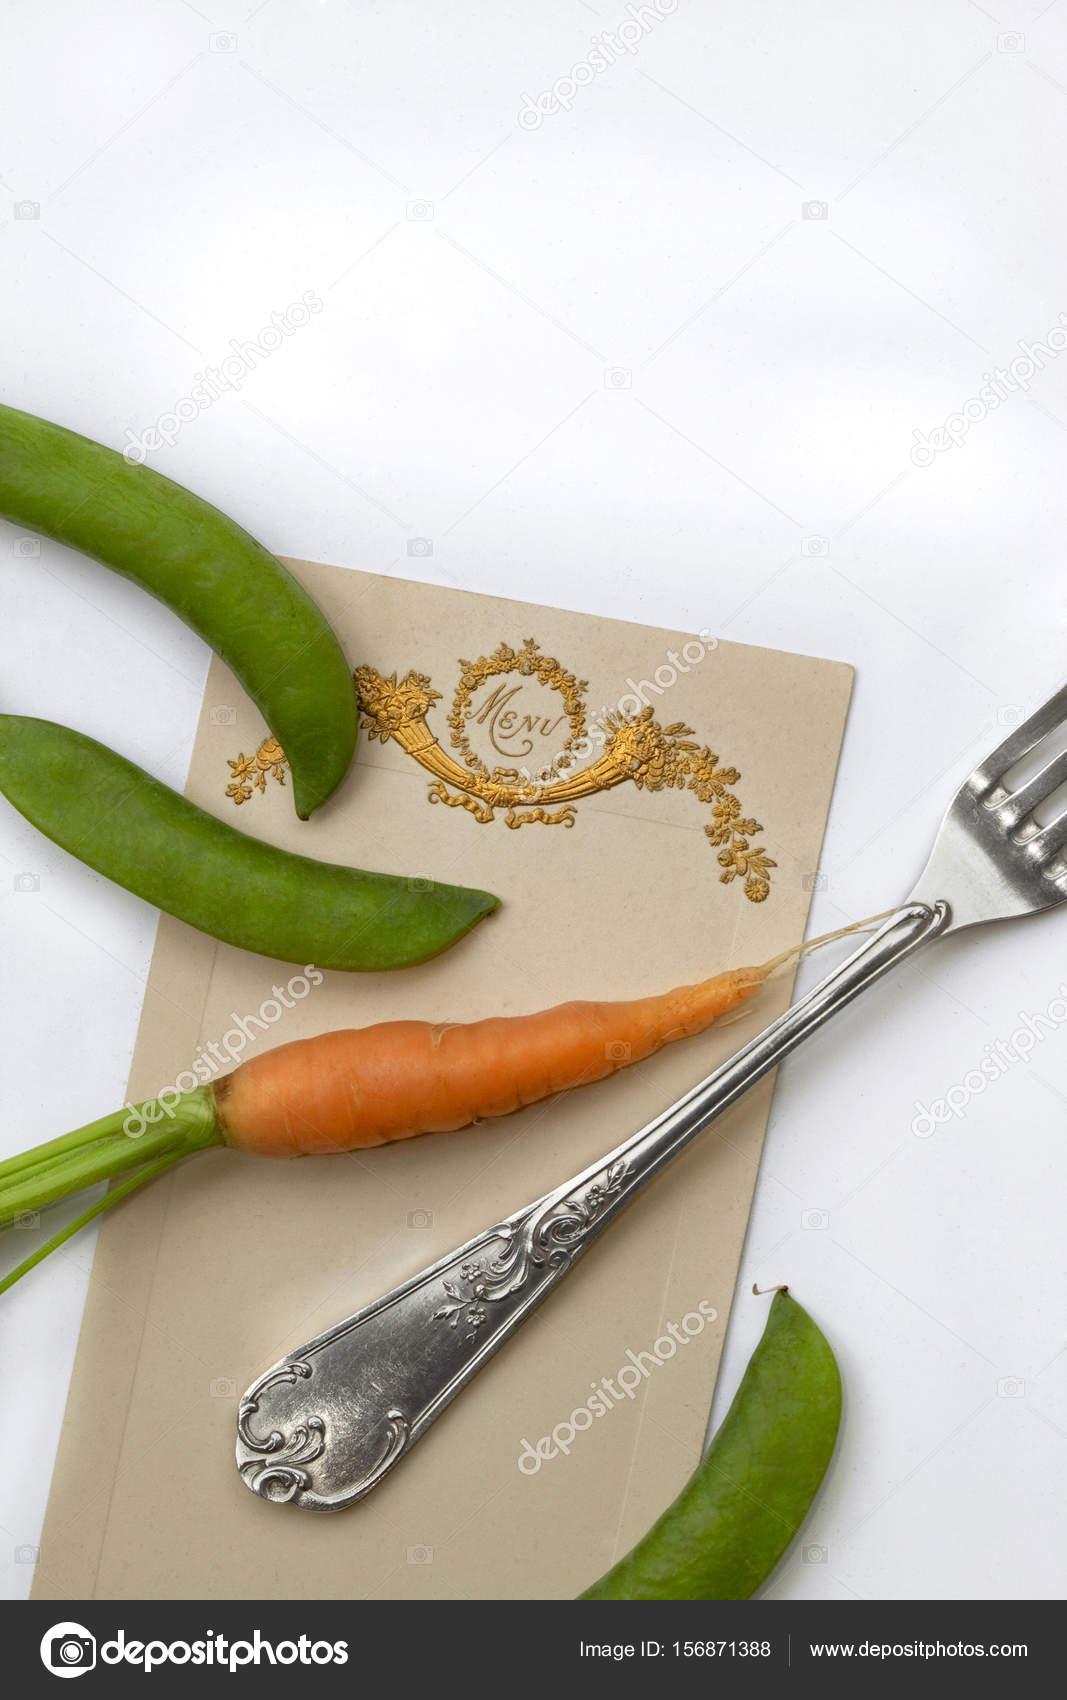 Vegetarisches Menü Französisch — Stockfoto © jacquespalut #156871388